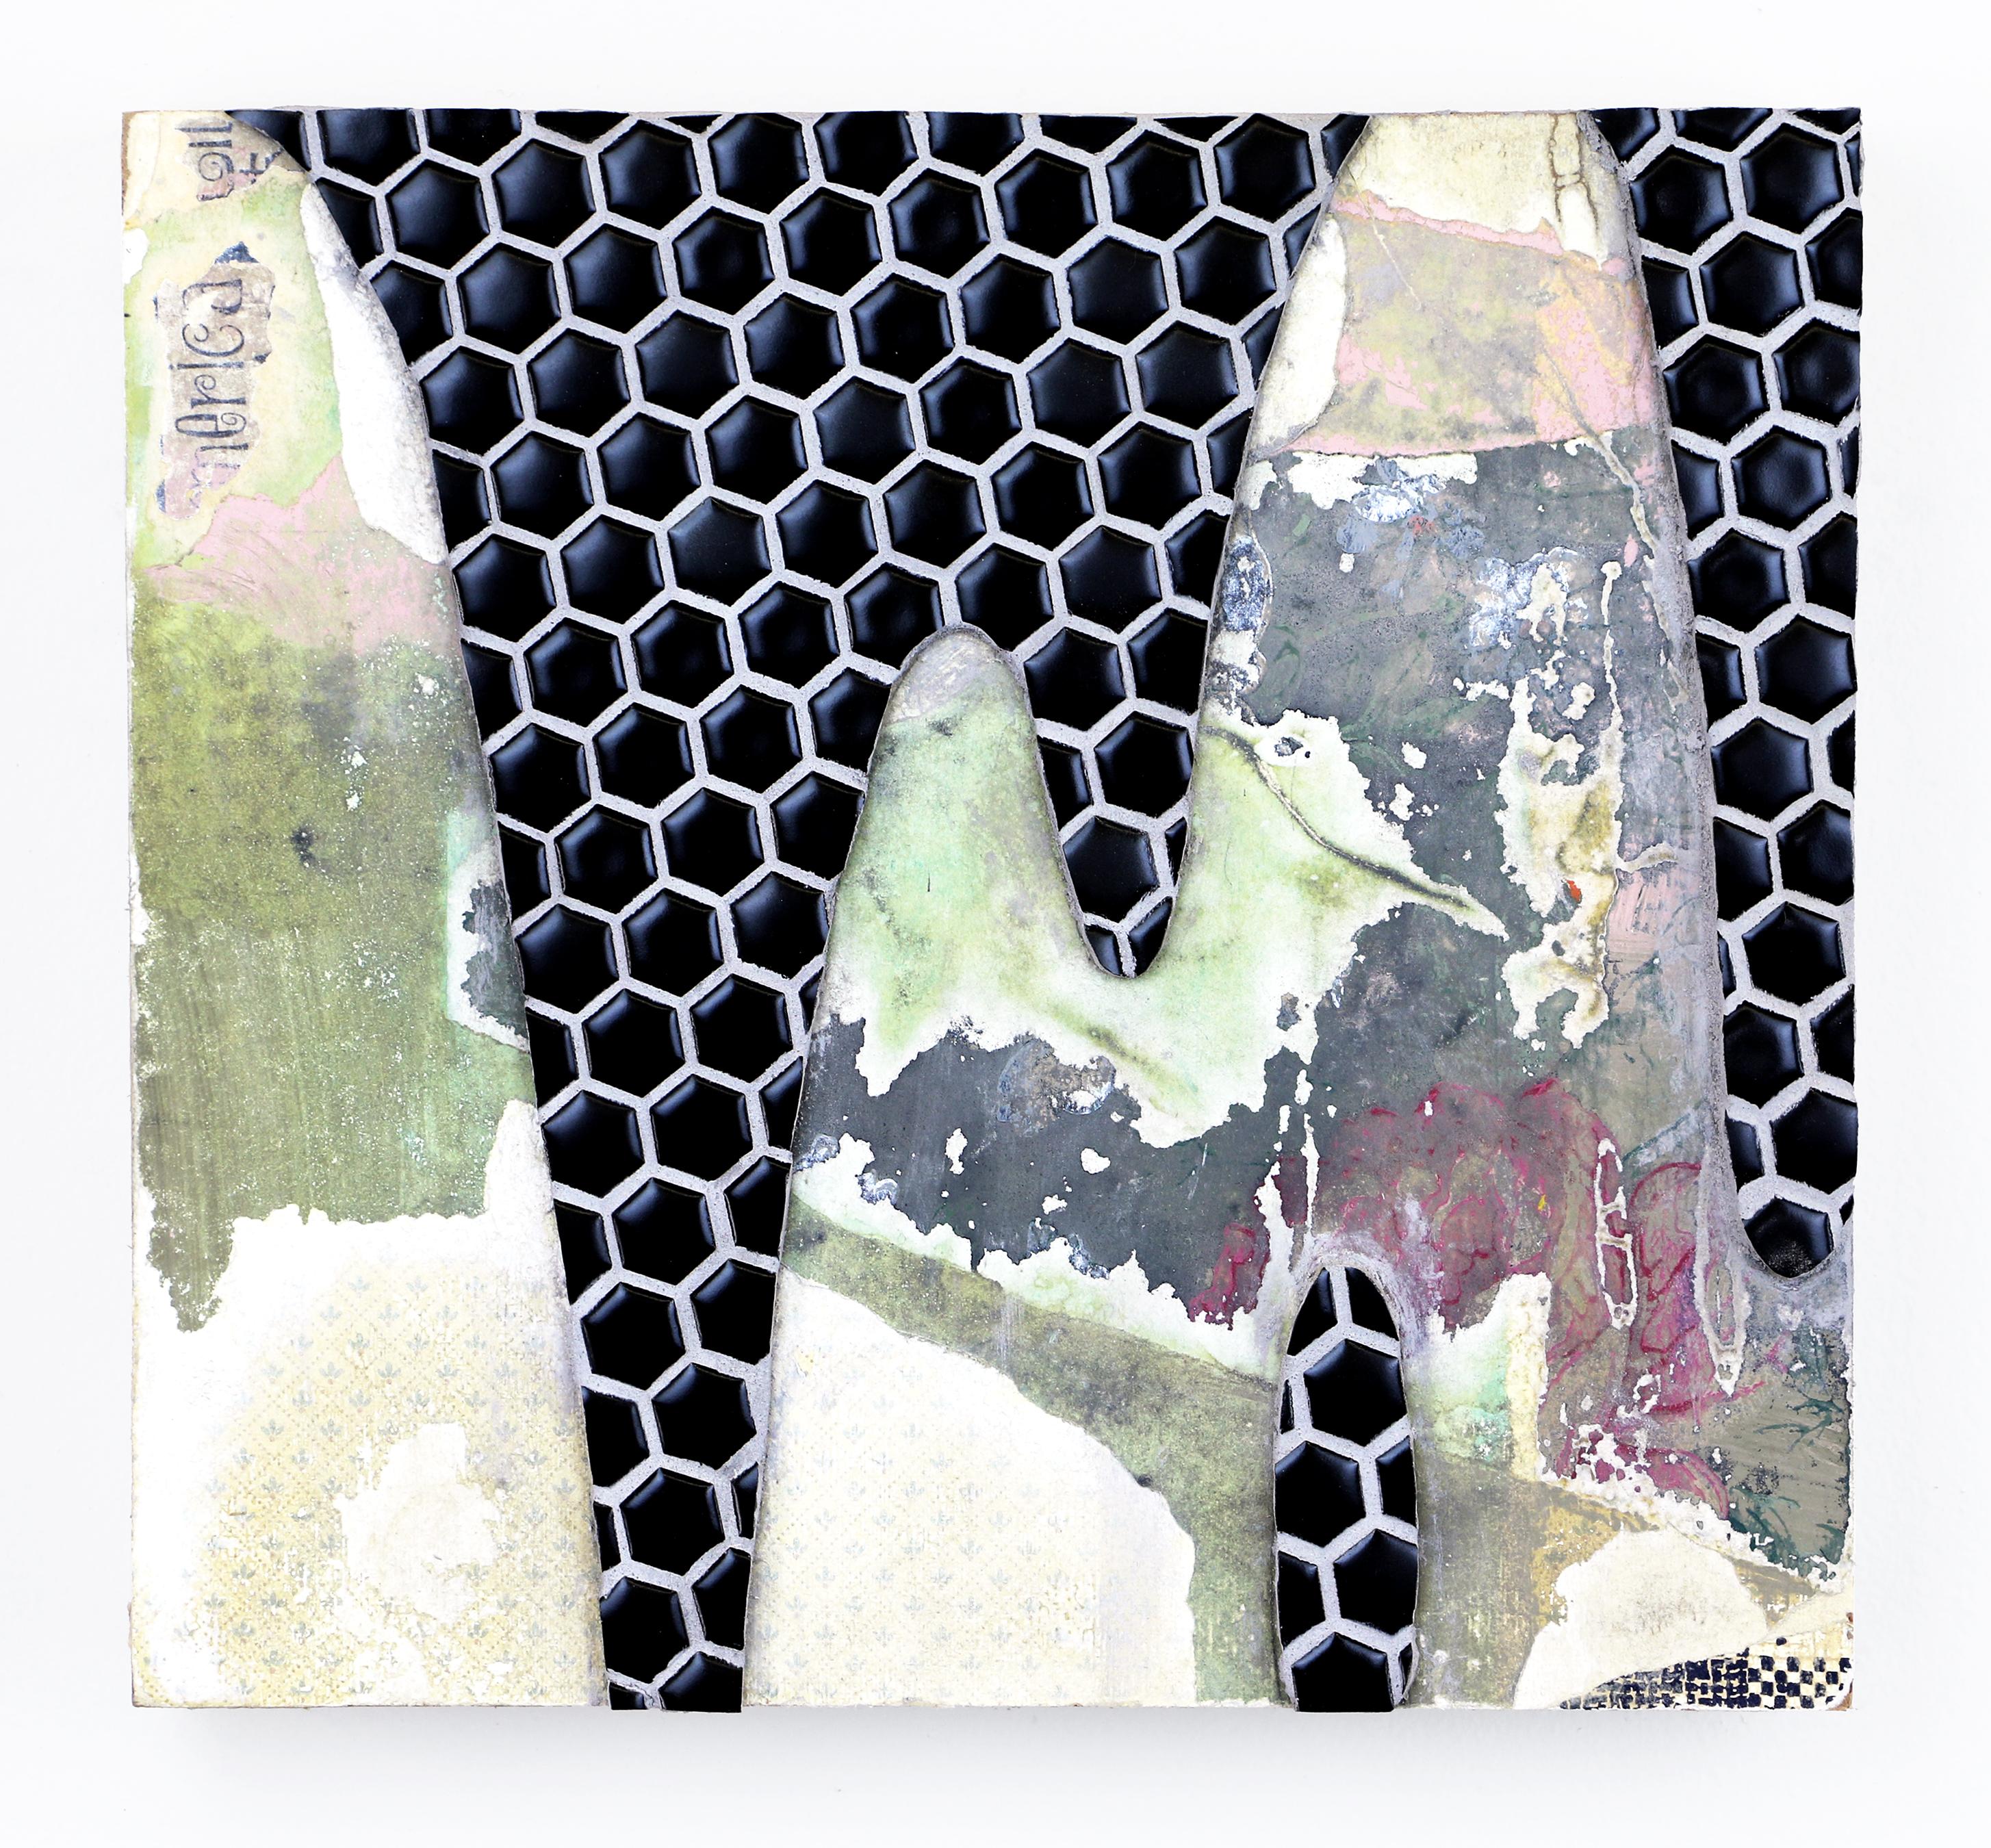 Spillover,XS,blackstudy hex.Reif.2015.lrg